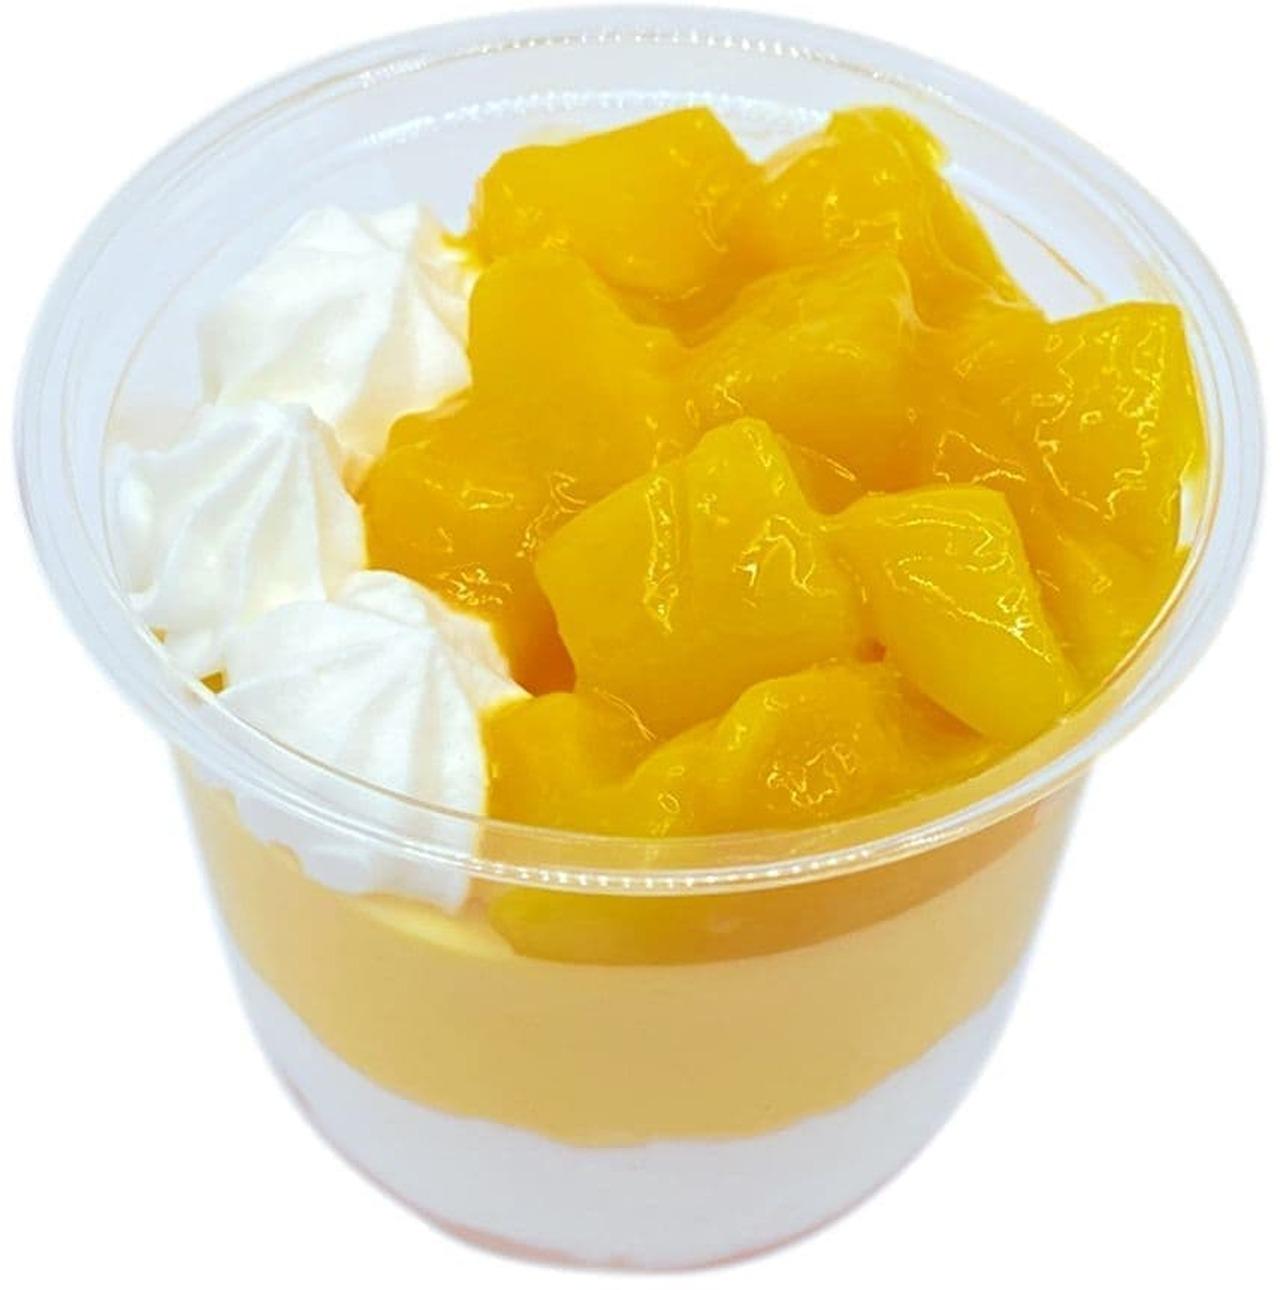 セブン-イレブン「マンゴーマンゴーレアチーズ」